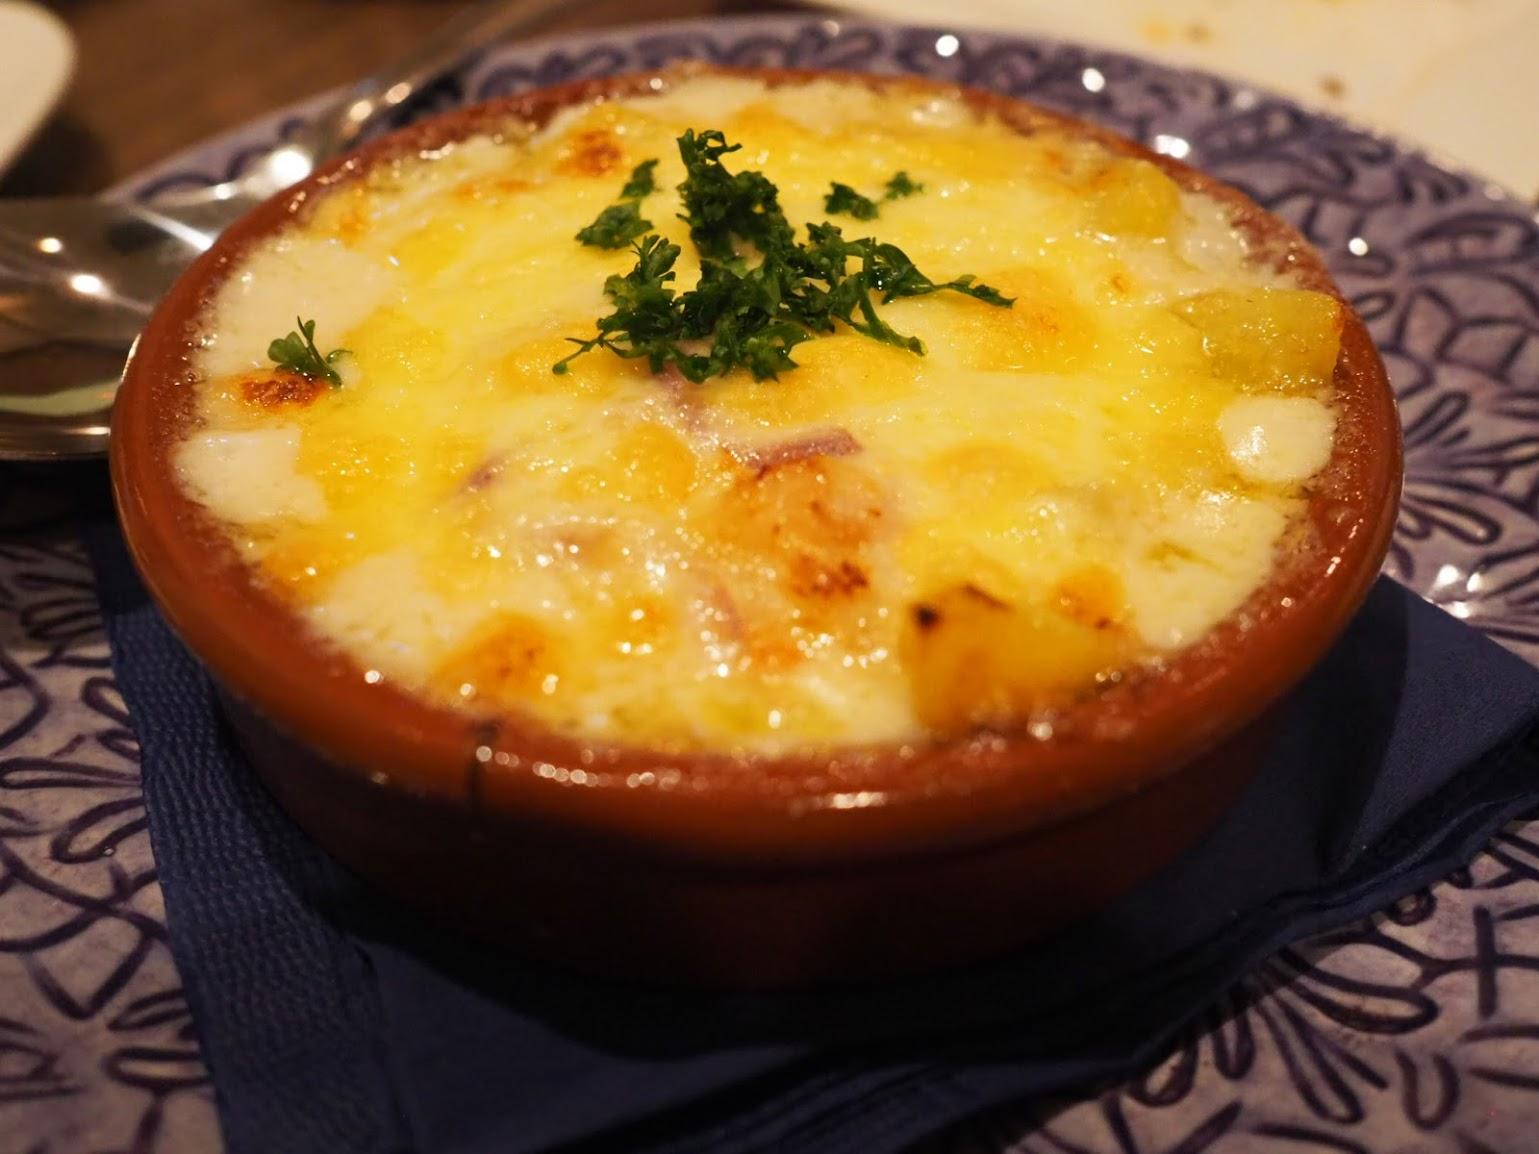 ポルトガル人もみんな大好きなメニュー、バカリャオ(干しダラ)のグラタン